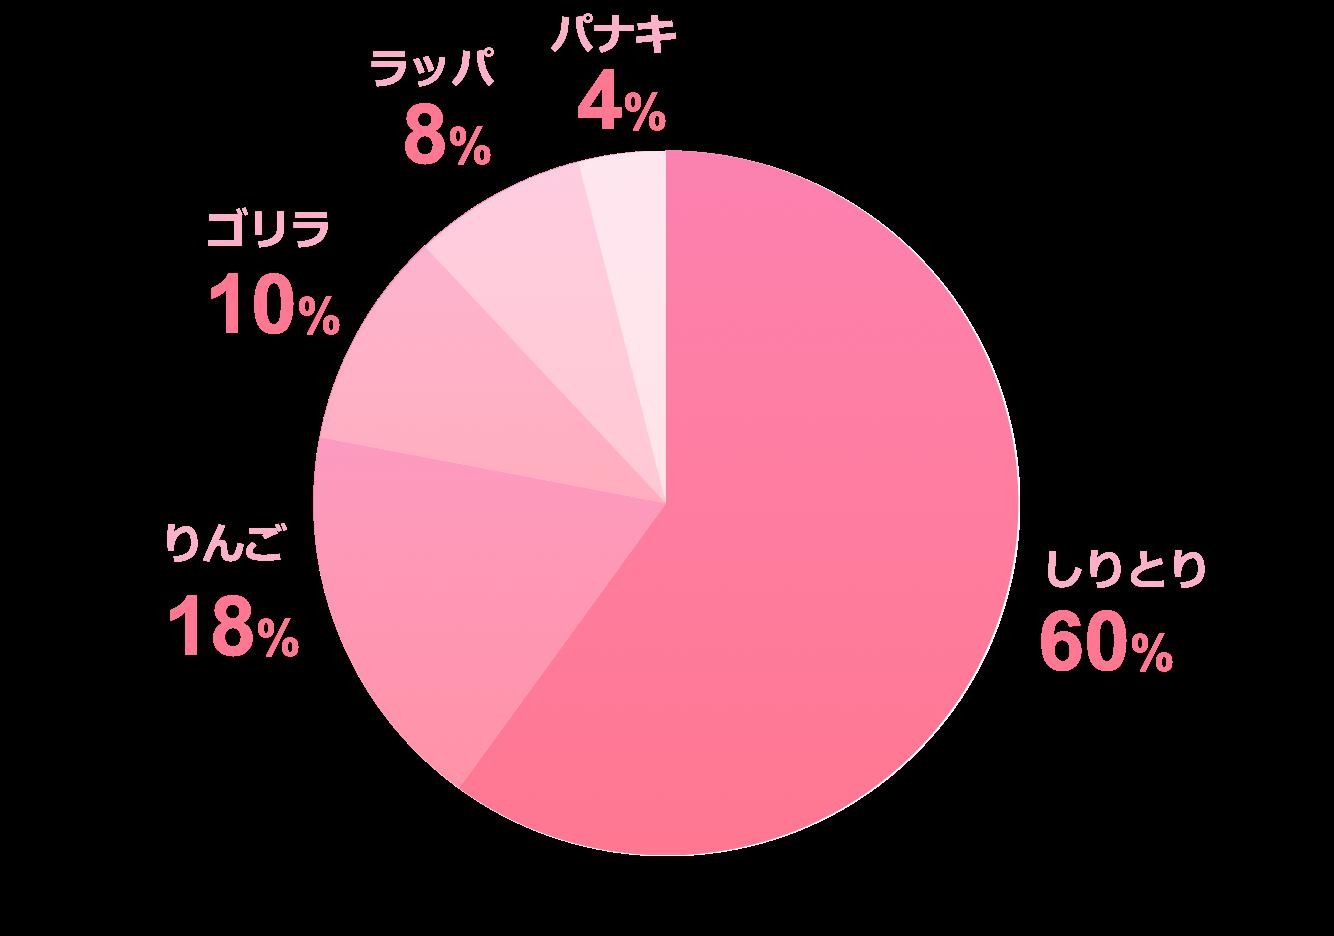 円グラフピンクサンプル